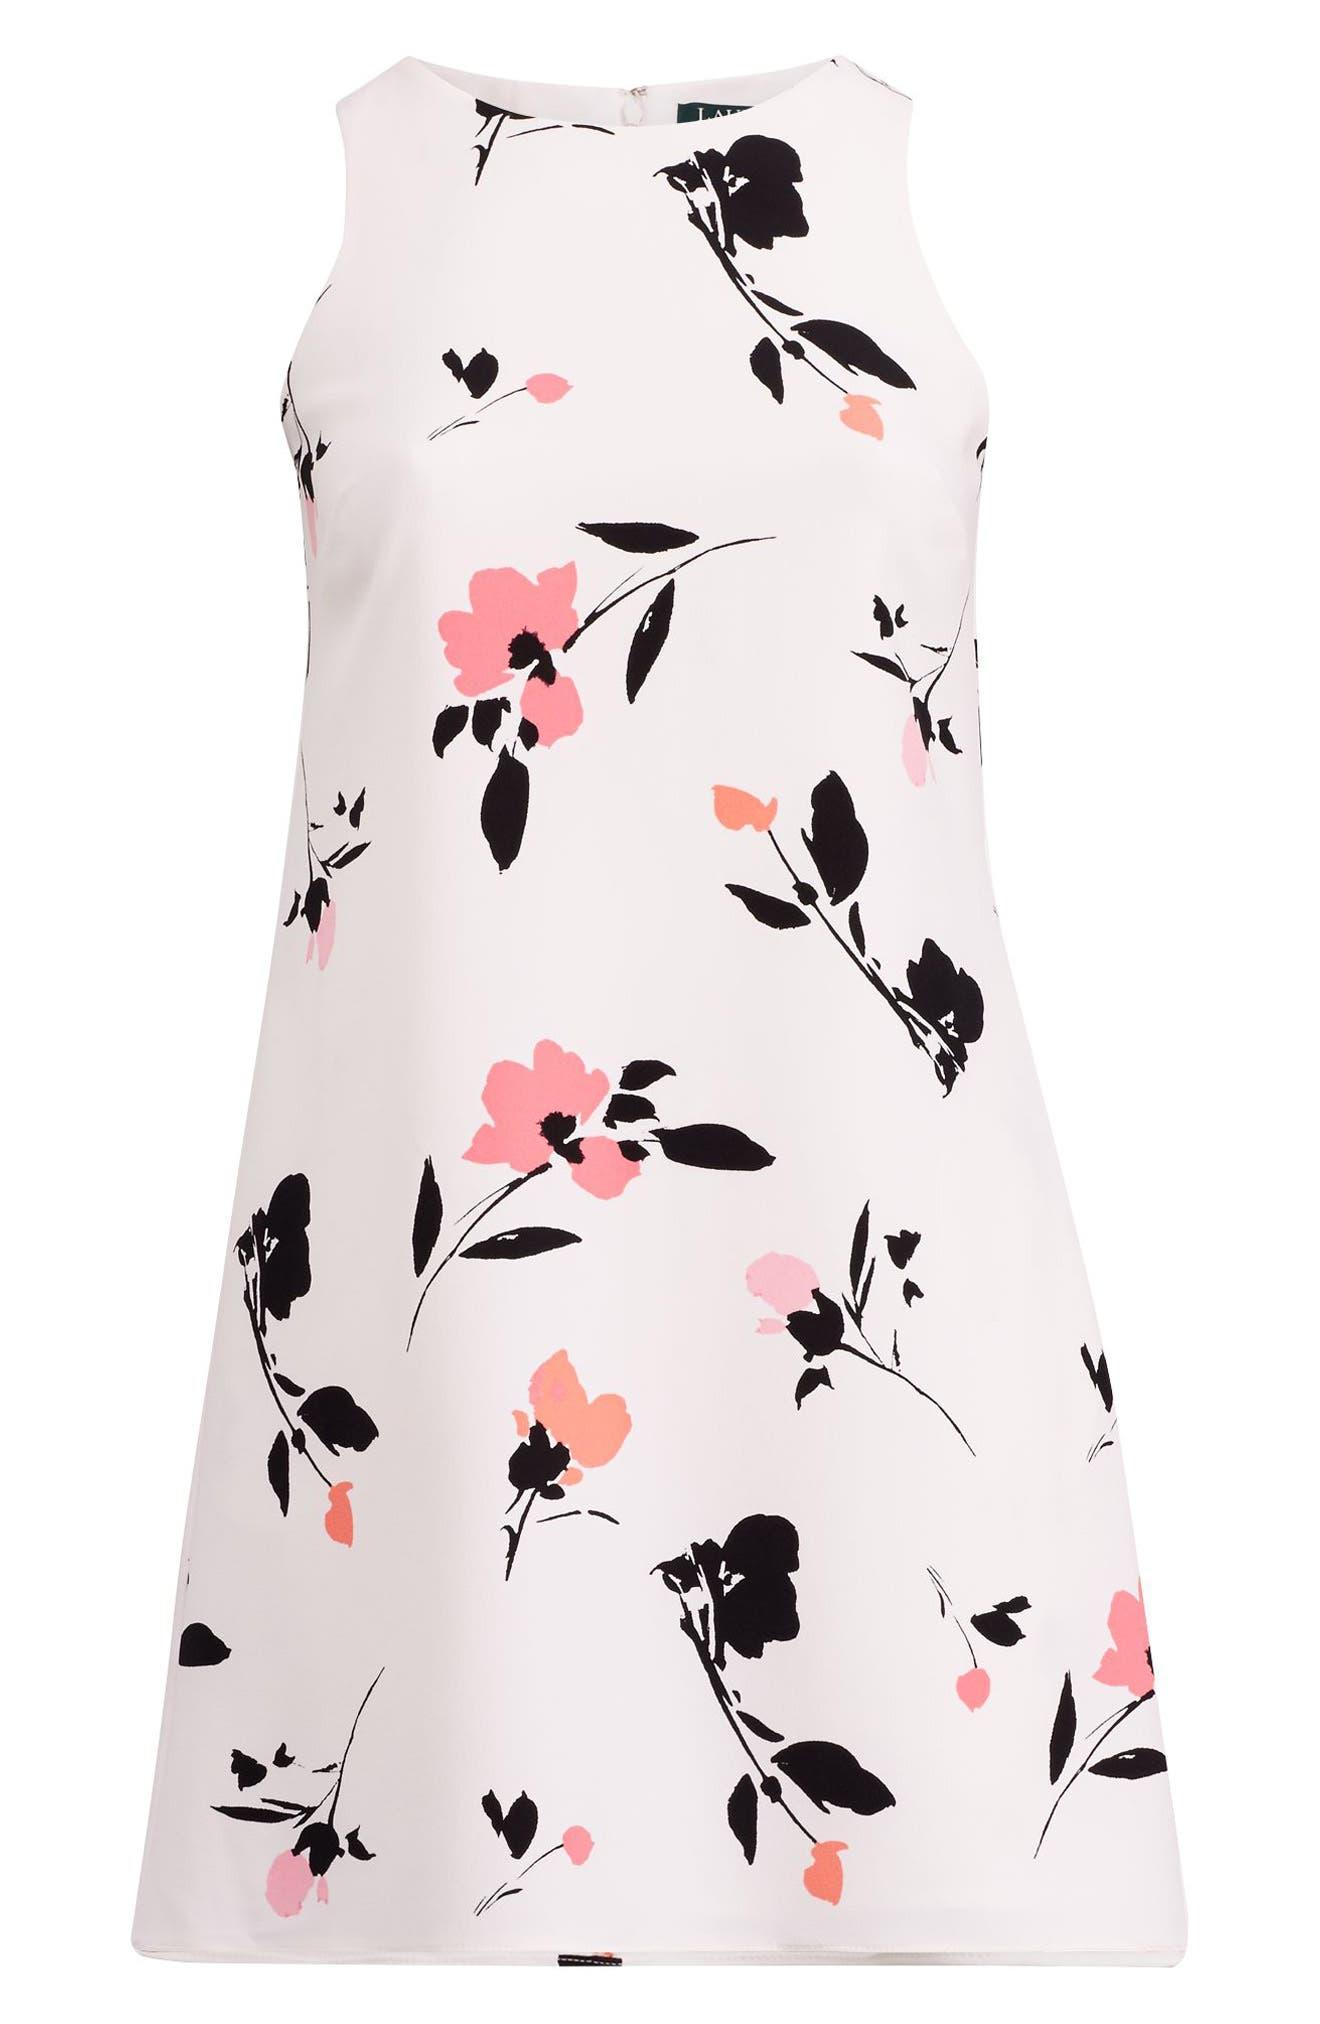 Paland Brunette Park Floral Shift Dress,                             Alternate thumbnail 3, color,                             101